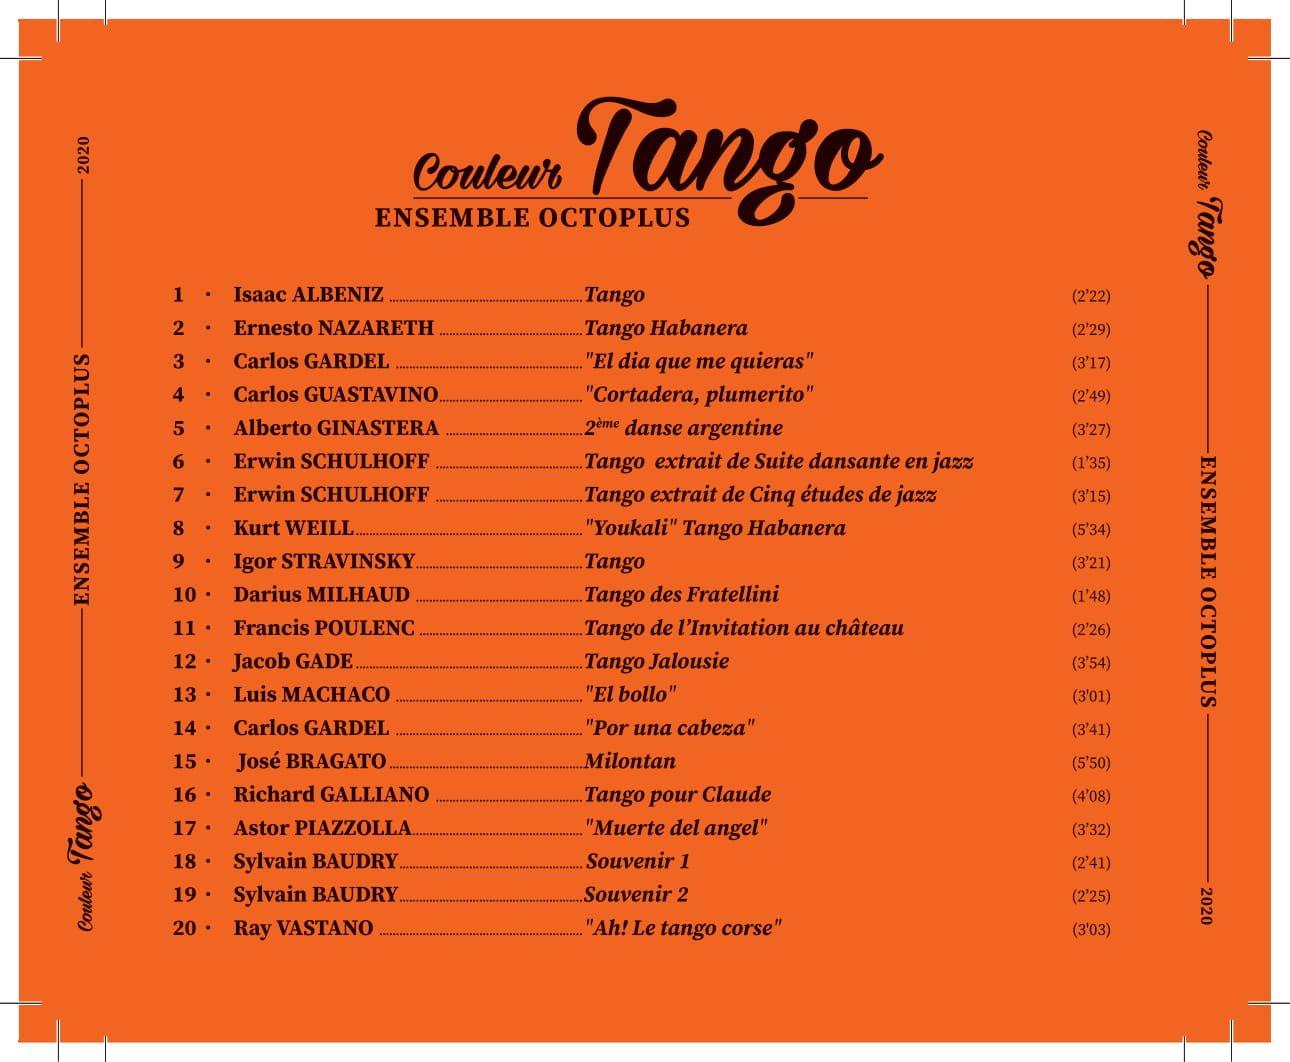 Couleur Tango - Verso